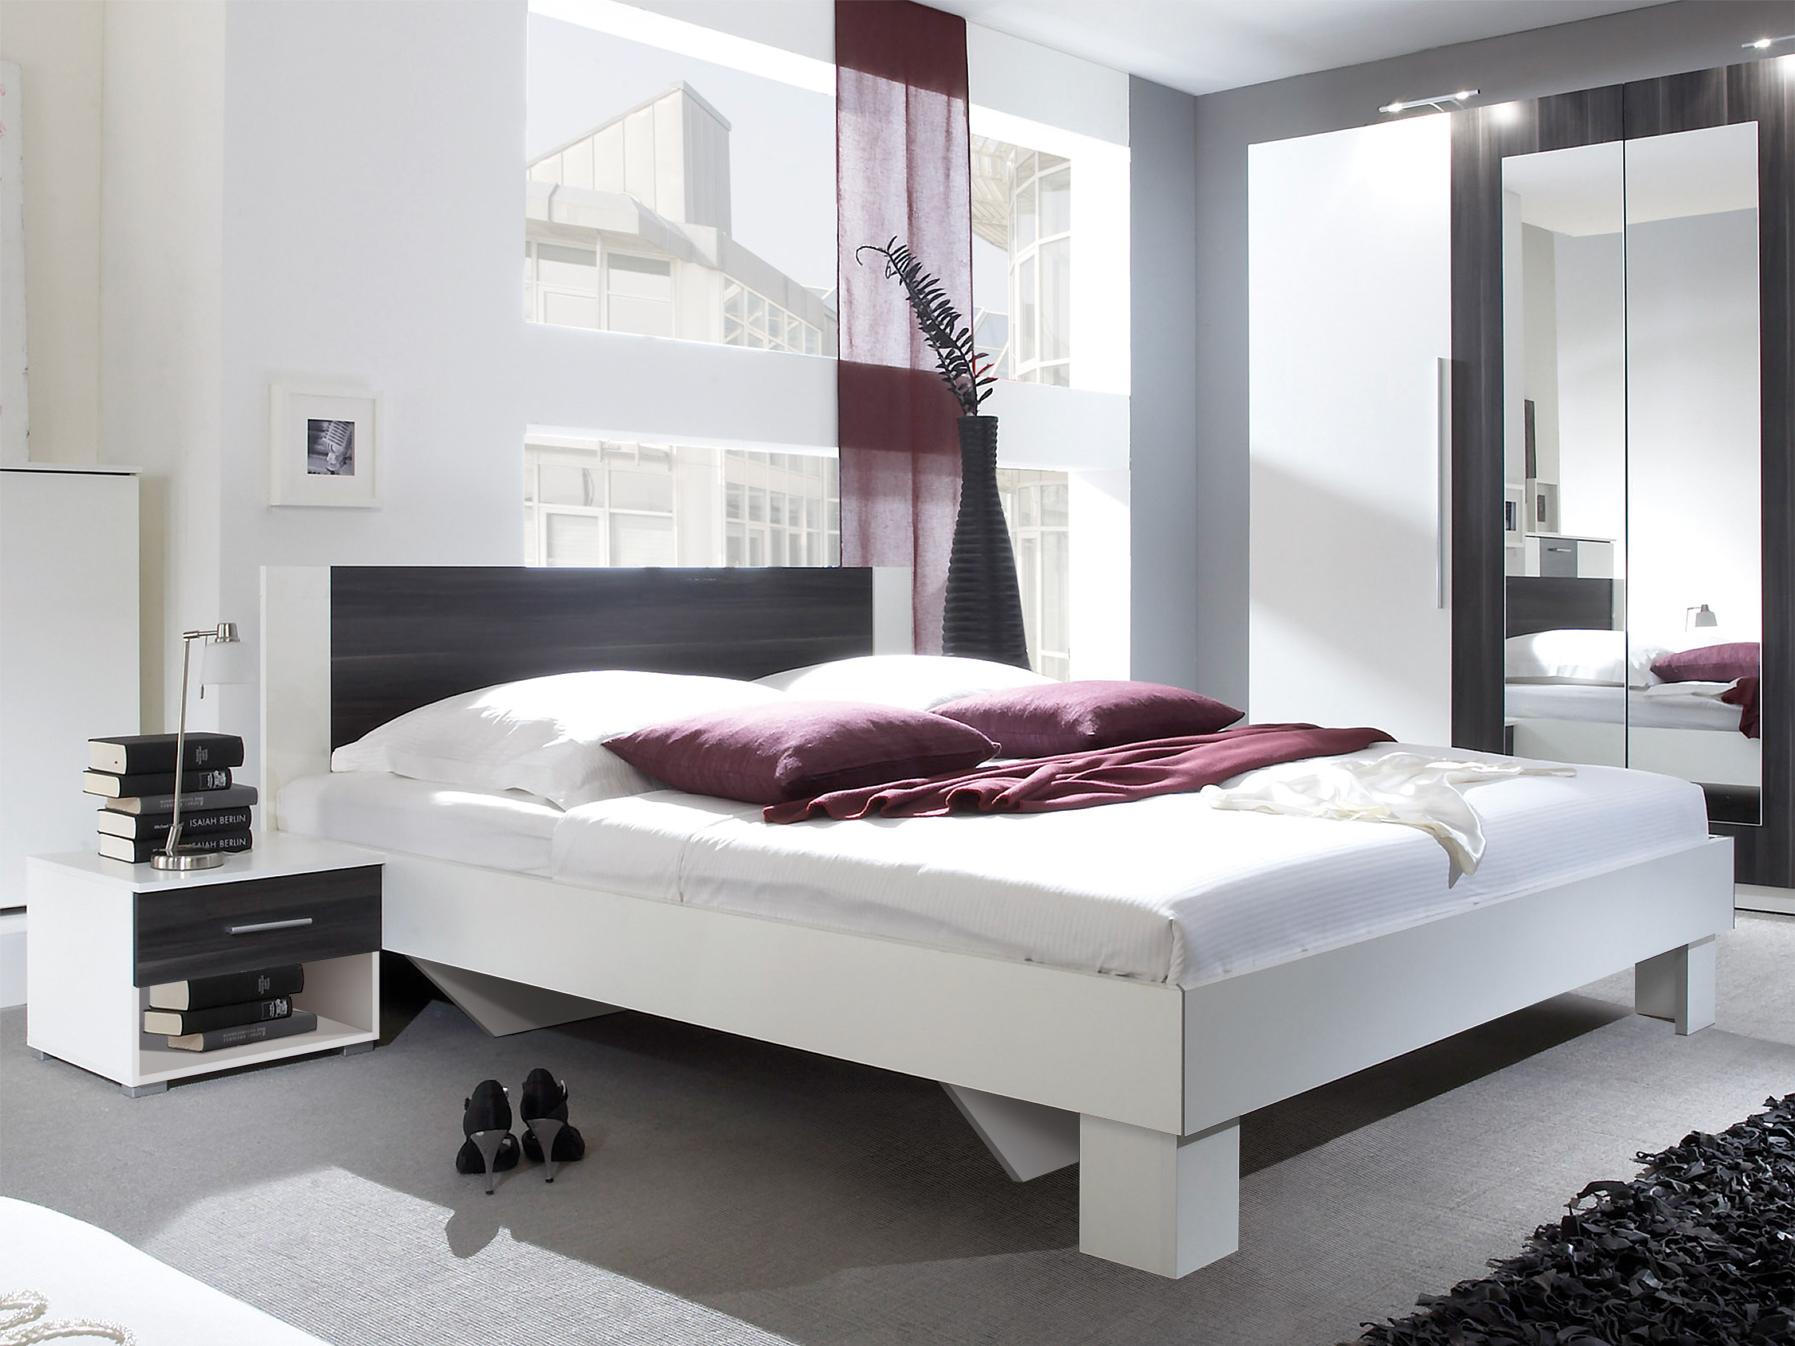 Manželská postel 160 cm - Verwood - Typ 51 (bílá + ořech) (s noč. stolky)